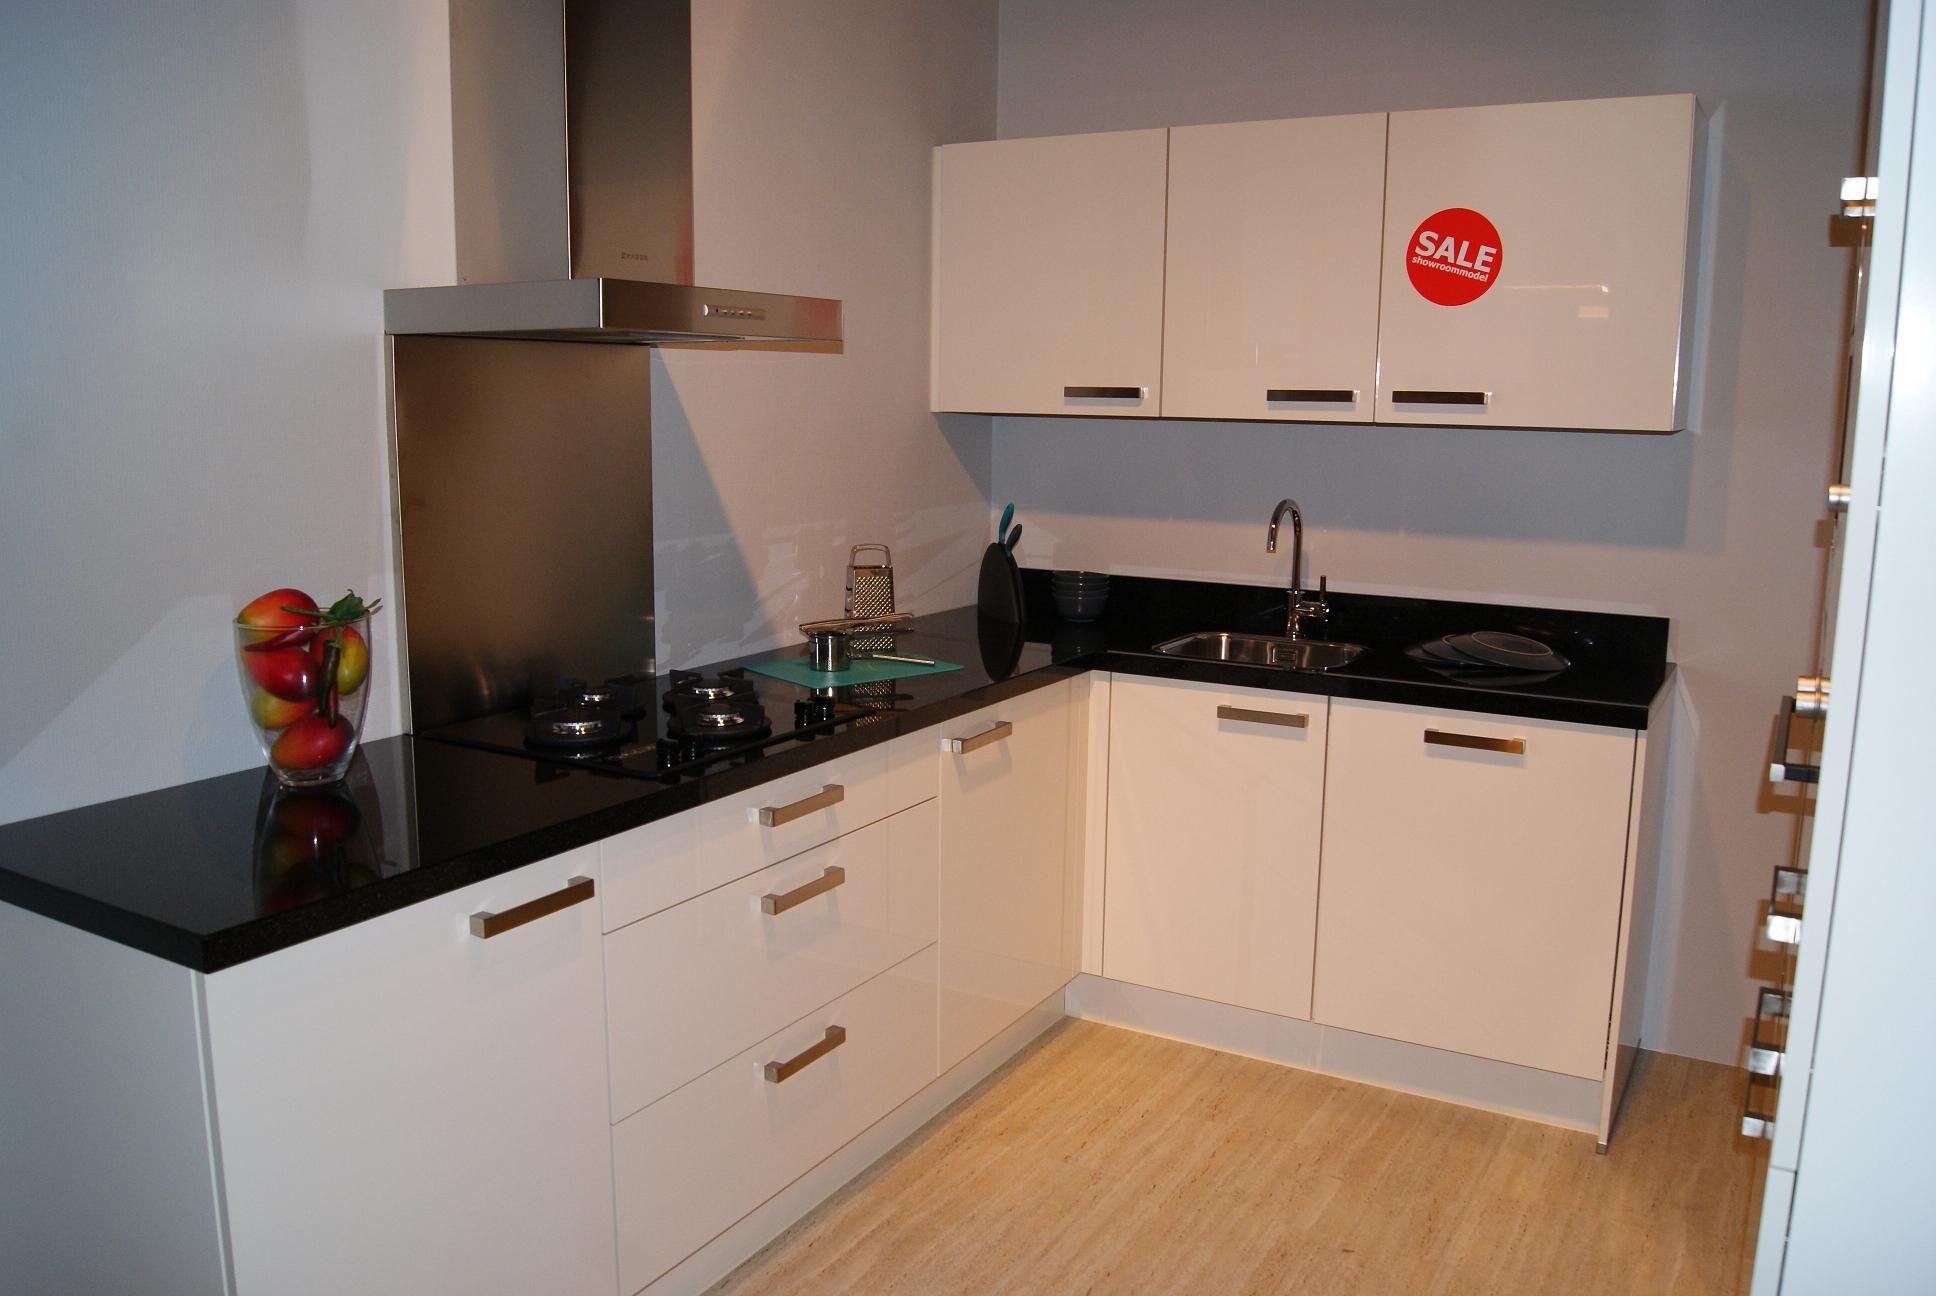 Budgetkeuken hooglans lak keuken met graniet 35836 - Keuken met granieten werkblad ...